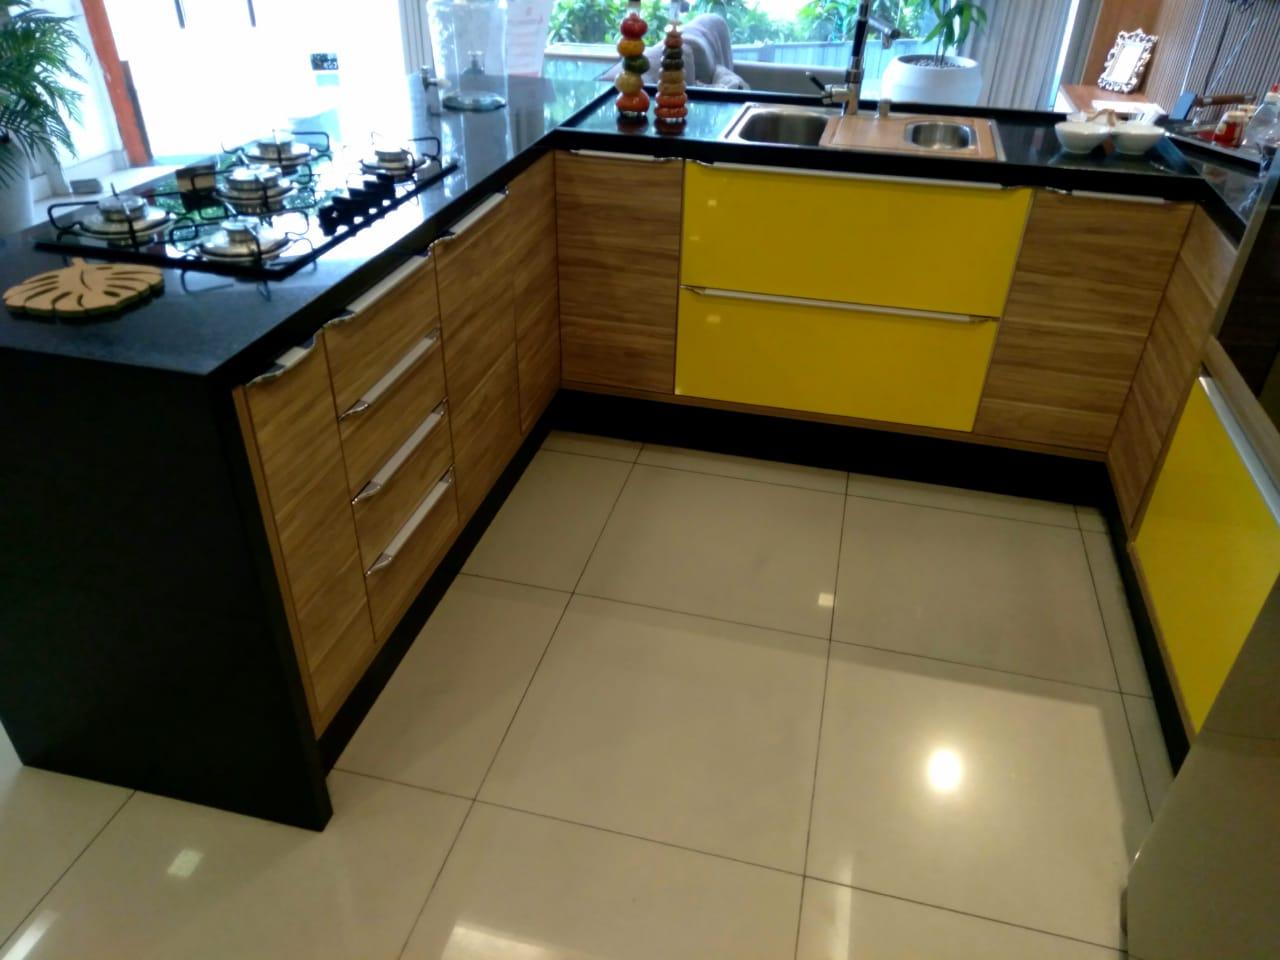 Cozinha Sem Pedra Sem Cooktop Sem Bica